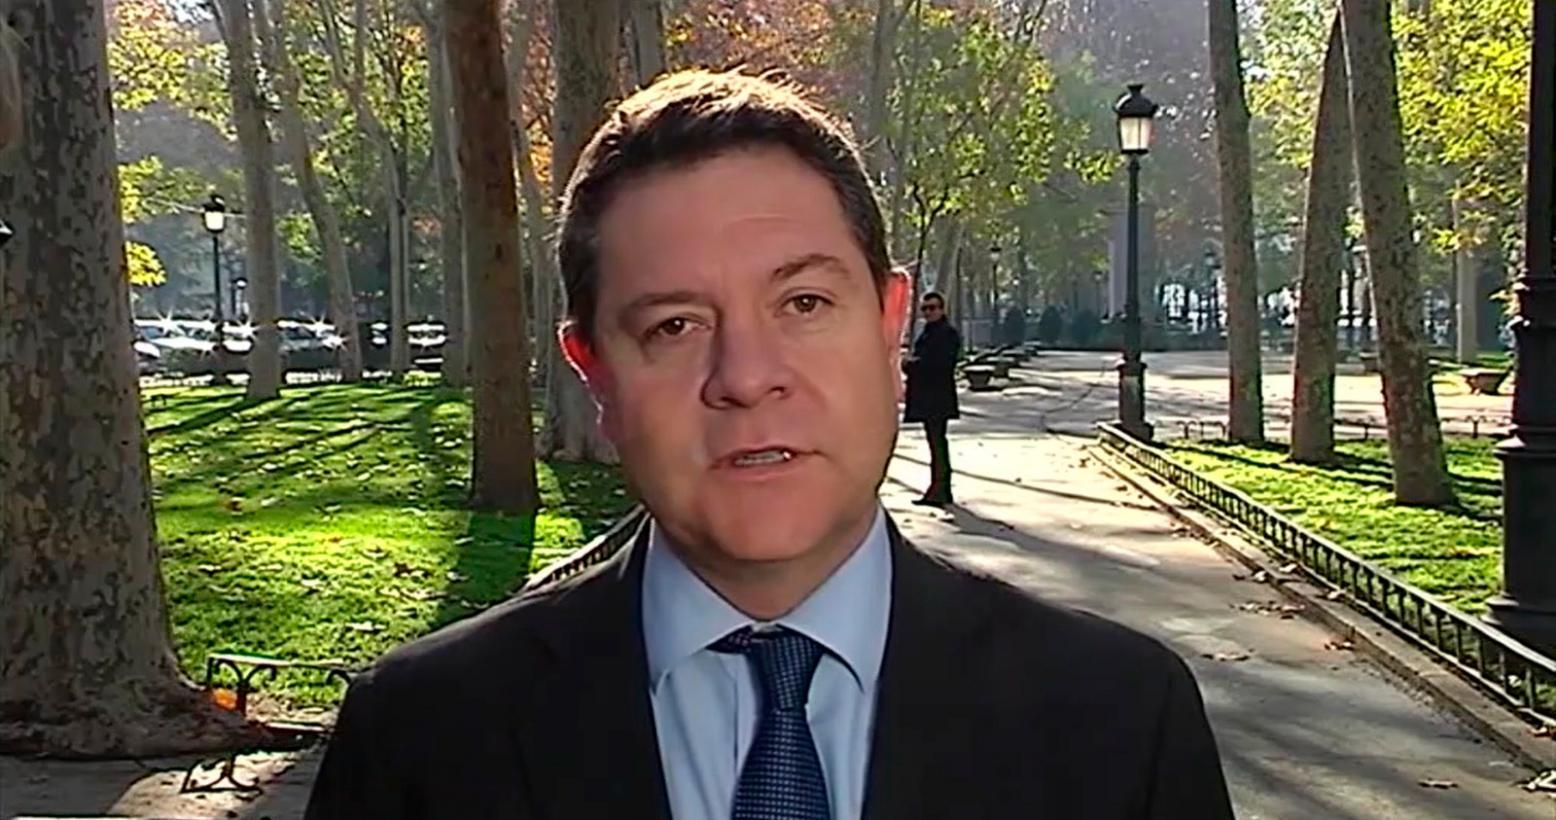 """El presidente regional alerta sobre la """"amenaza"""" que el independentismo catalán supone para """"cualquier Constitución"""" y la """"soberanía nacional"""